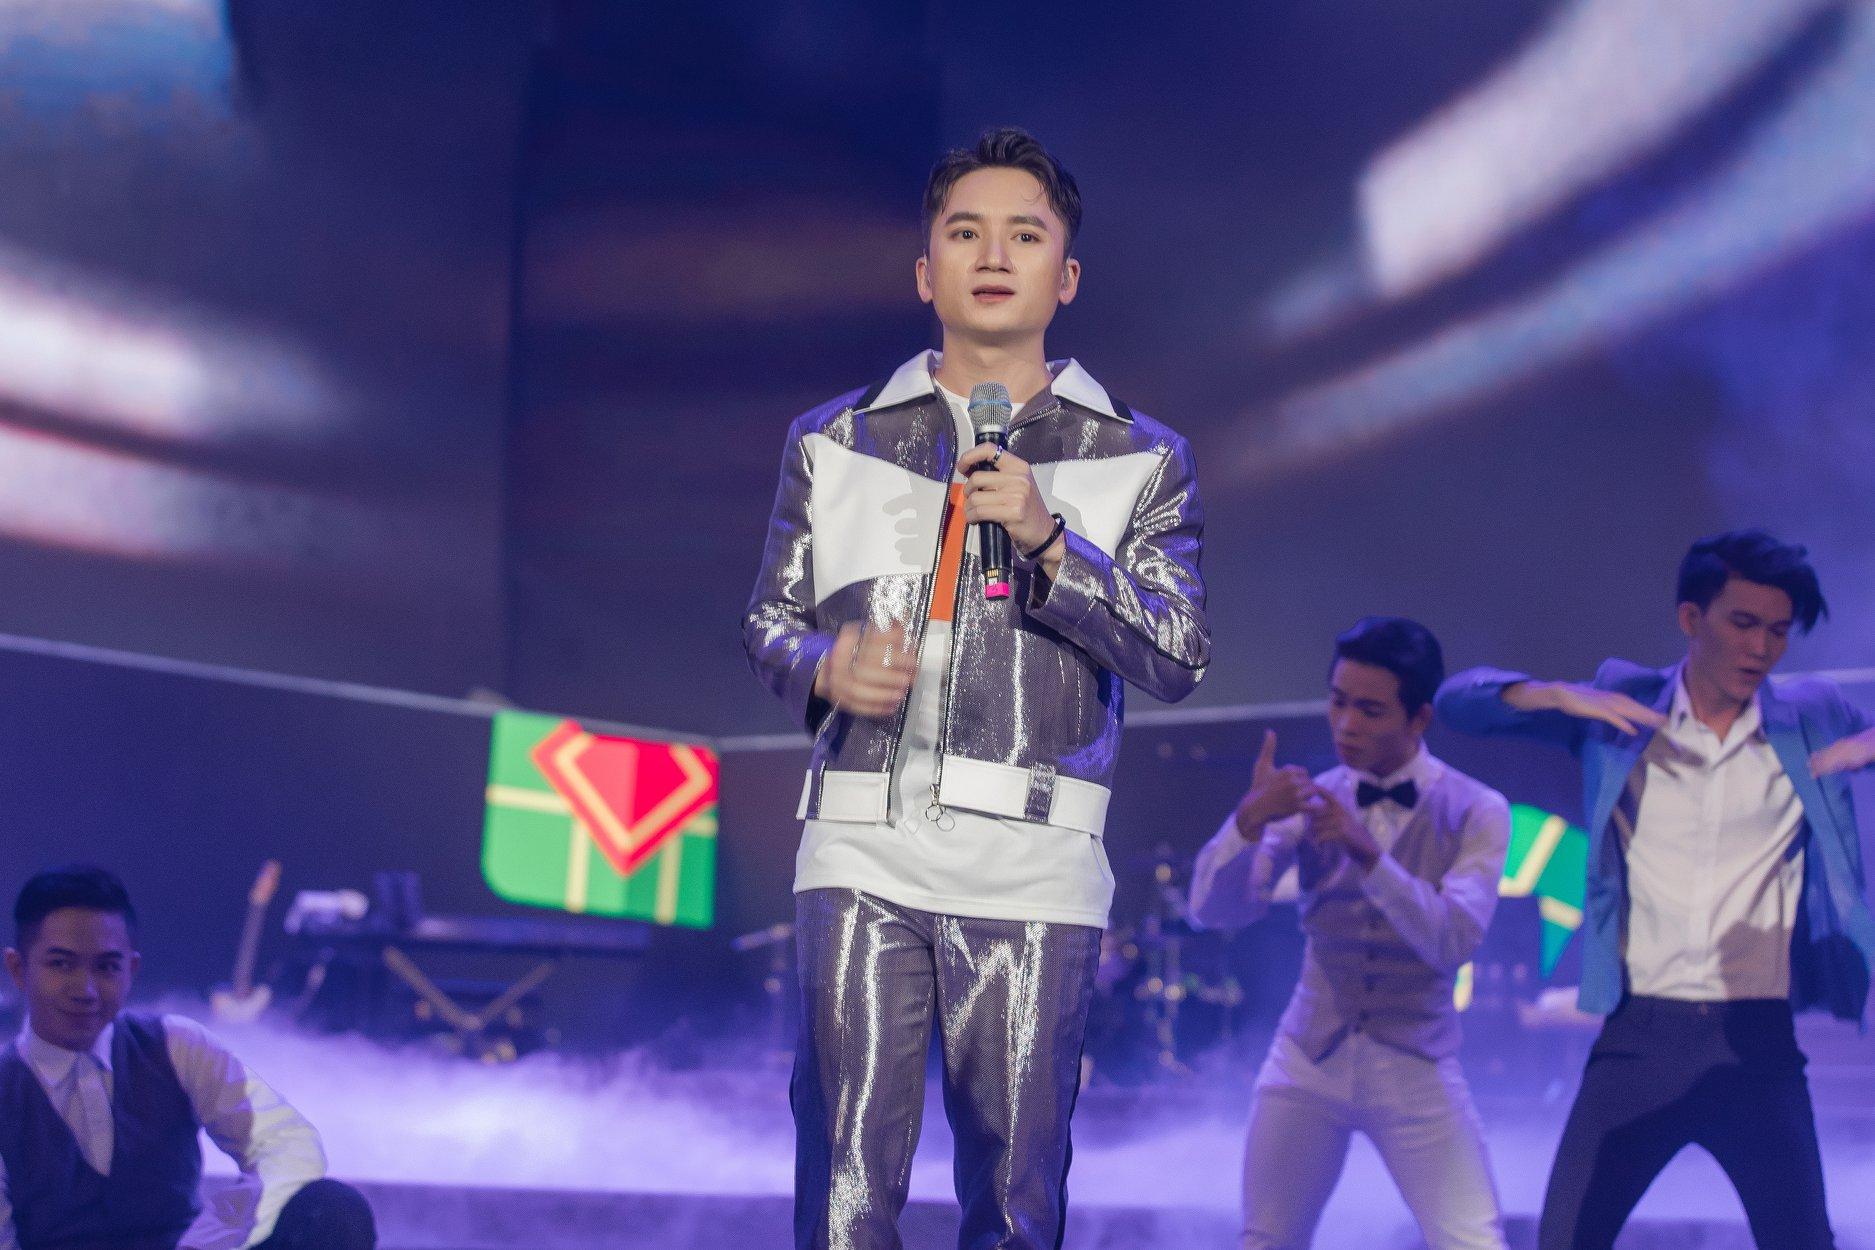 Phan Mạnh Quỳnh lần đầu hát live 'Đi để trở về 4' trước hàng chục ngàn khán giả tại New Year Countdown 2020 - Ảnh 1